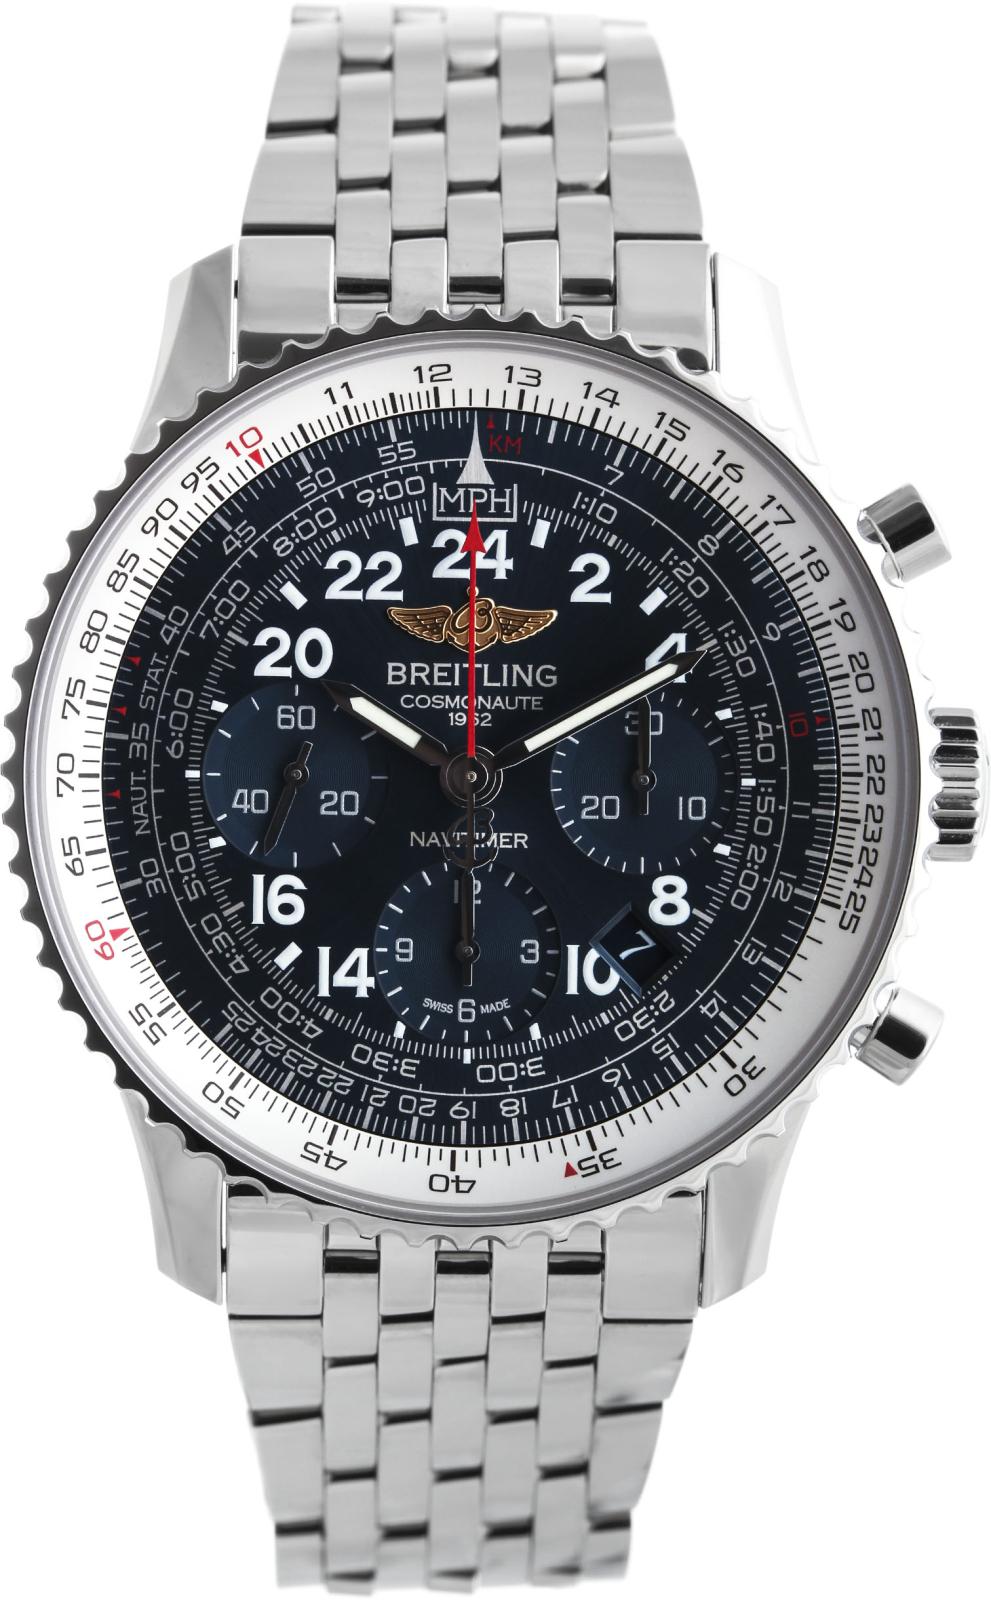 Breitling Navitimer  AB0210B4/C917/447AНаручные часы<br>Швейцарские часы Breitling Navitimer Cosmonaute AB0210B4/C917/447A24 мая 1962 года Скотт Карпентер в корабле «Аврора 7» сделал три витка вокруг Земли. На запястье у него были часы Navitimer с 24-часовым циферблатом – жизненная необходимость, когда вам требуется отличать день от ночи. Так они стали первым наручным хронографом, побывавшим в космосе. Часы входят в коллекциюNavitimer Cosmonaute - единственные в своем роде, модель распознаётся сразу же благодаря вращающемуся в двух направлениях безелю с храповым механизмом, который даёт возможность легко воспользоваться знаменитой круглой логарифмической линейкой для авиаторов. Механизм - Breitling B02 - второй из семейства мануфактурных (собственного производства) механизмов компании Breitling, ручной подзавод и 24-часовая индикация времени – два знака уважения к оригинальному хронографу 1962 года, 28800 полуколебаний/час, 39 камней, сертифицированный хронометр C.O.S.C., быстрая корректировка даты, запас хода до 70 часов. Сапфировое стекло с двойным антибликовым покрытием. Водозащита - 30 м. Браслет - сталь. Диаметр корпуса 43 мм.<br><br>Для кого?: Мужские<br>Страна-производитель: Швейцария<br>Механизм: Механический<br>Материал корпуса: Сталь<br>Материал ремня/браслета: Сталь<br>Водозащита, диапазон: 20 - 100 м<br>Стекло: Сапфировое<br>Толщина корпуса: 13,85 мм<br>Стиль: Классика